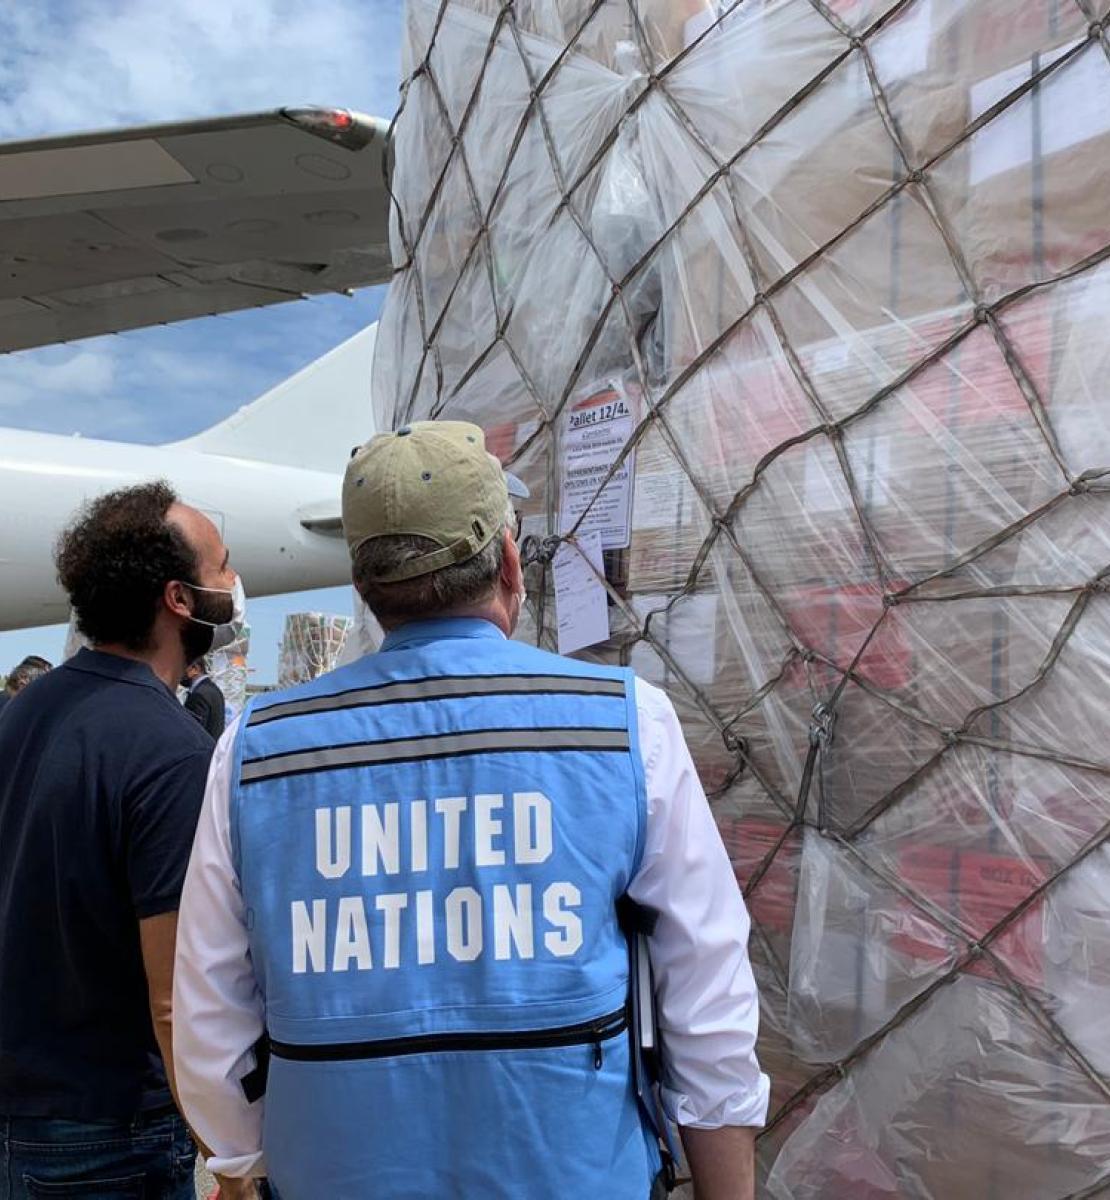 Une troisième cargaison de fournitures essentielles destinées à sauver des vies arrive au Venezuela. Deux hommes, dont l'un porte un gilet bleu des Nations Unies, se tiennent debout devant la cargaison, sur le tarmac de l'aéroport.